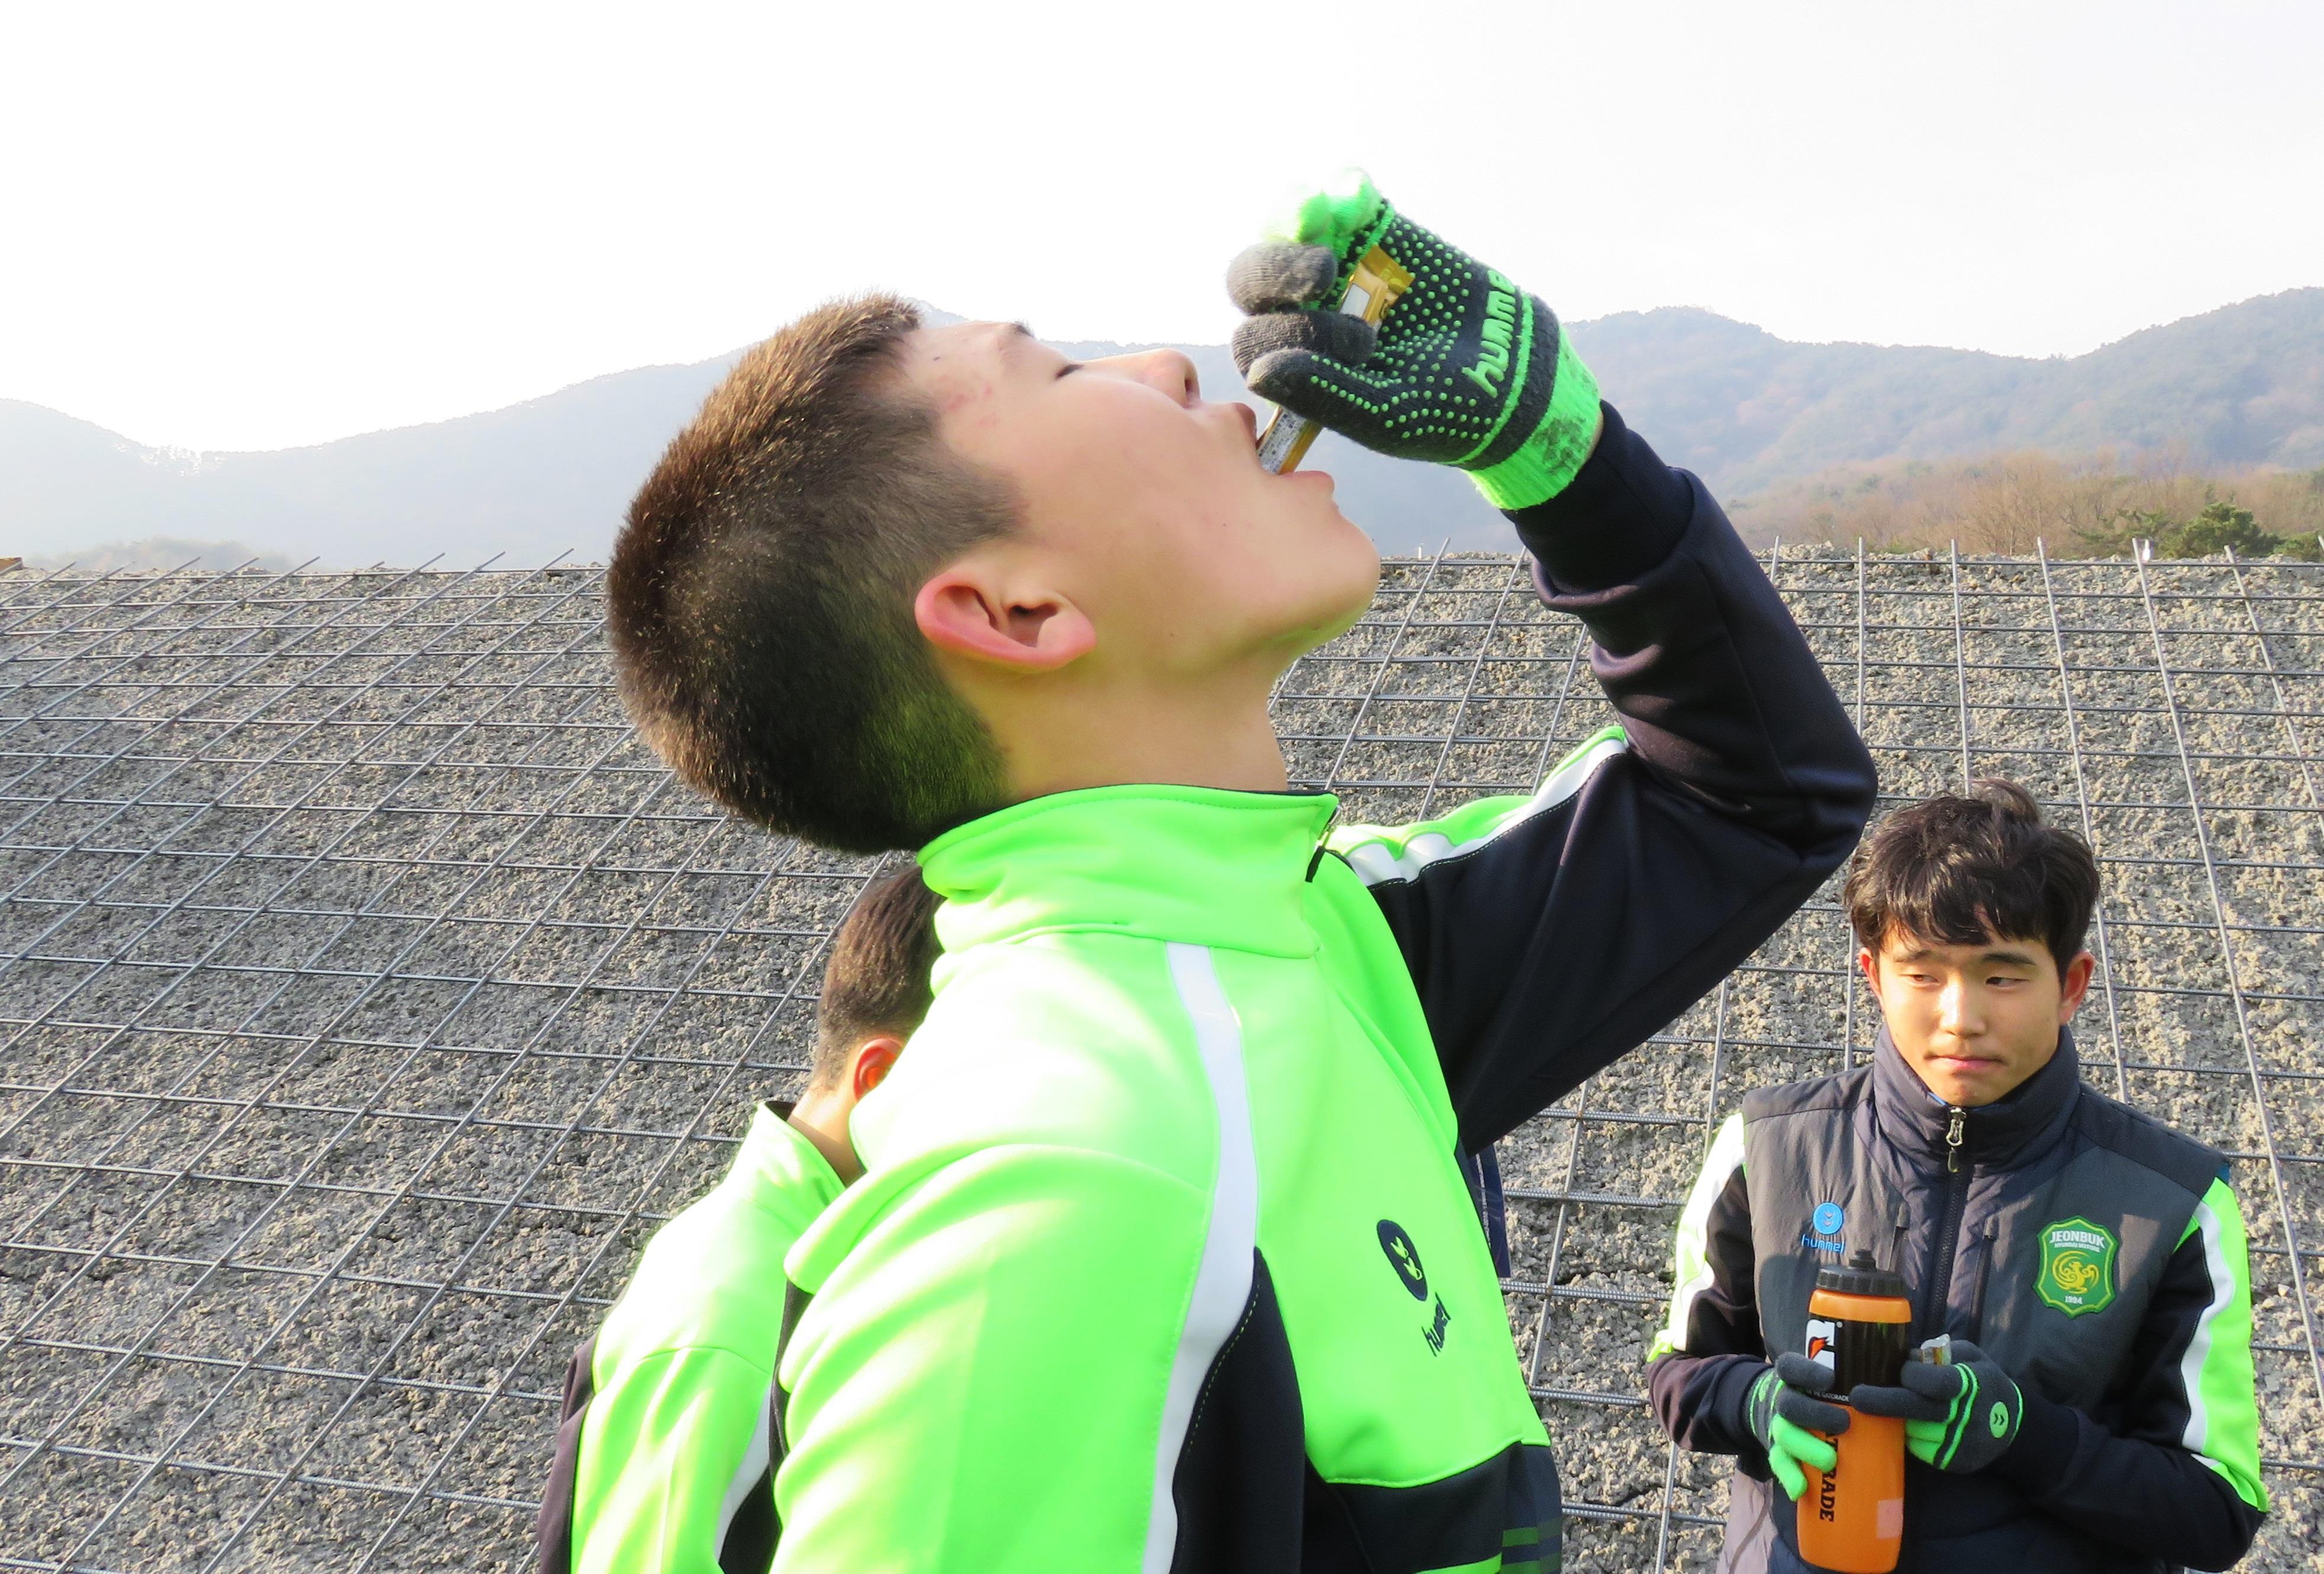 連戦の疲れからも素早いリカバリーを!日韓の高校生たちが実感したアミノ酸のチカラとは?